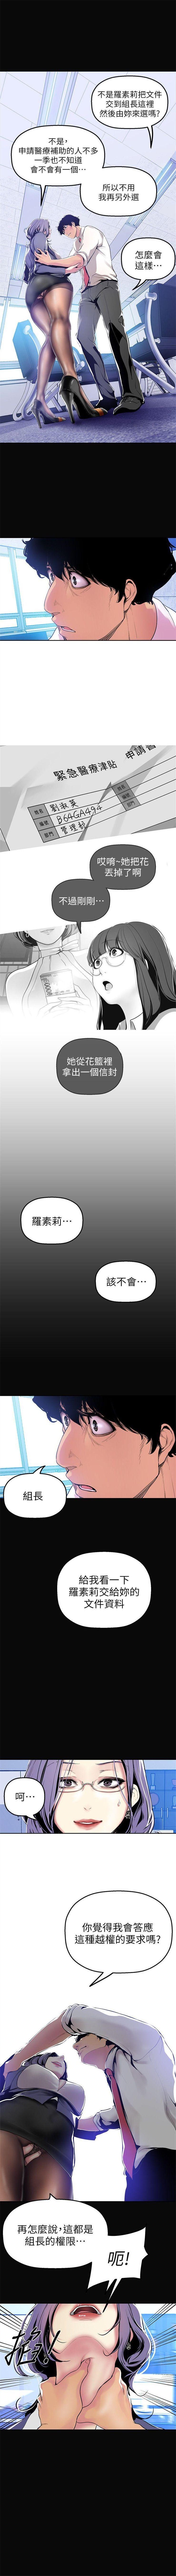 (周6)美丽新世界 1-61 中文翻译 (更新中) 276